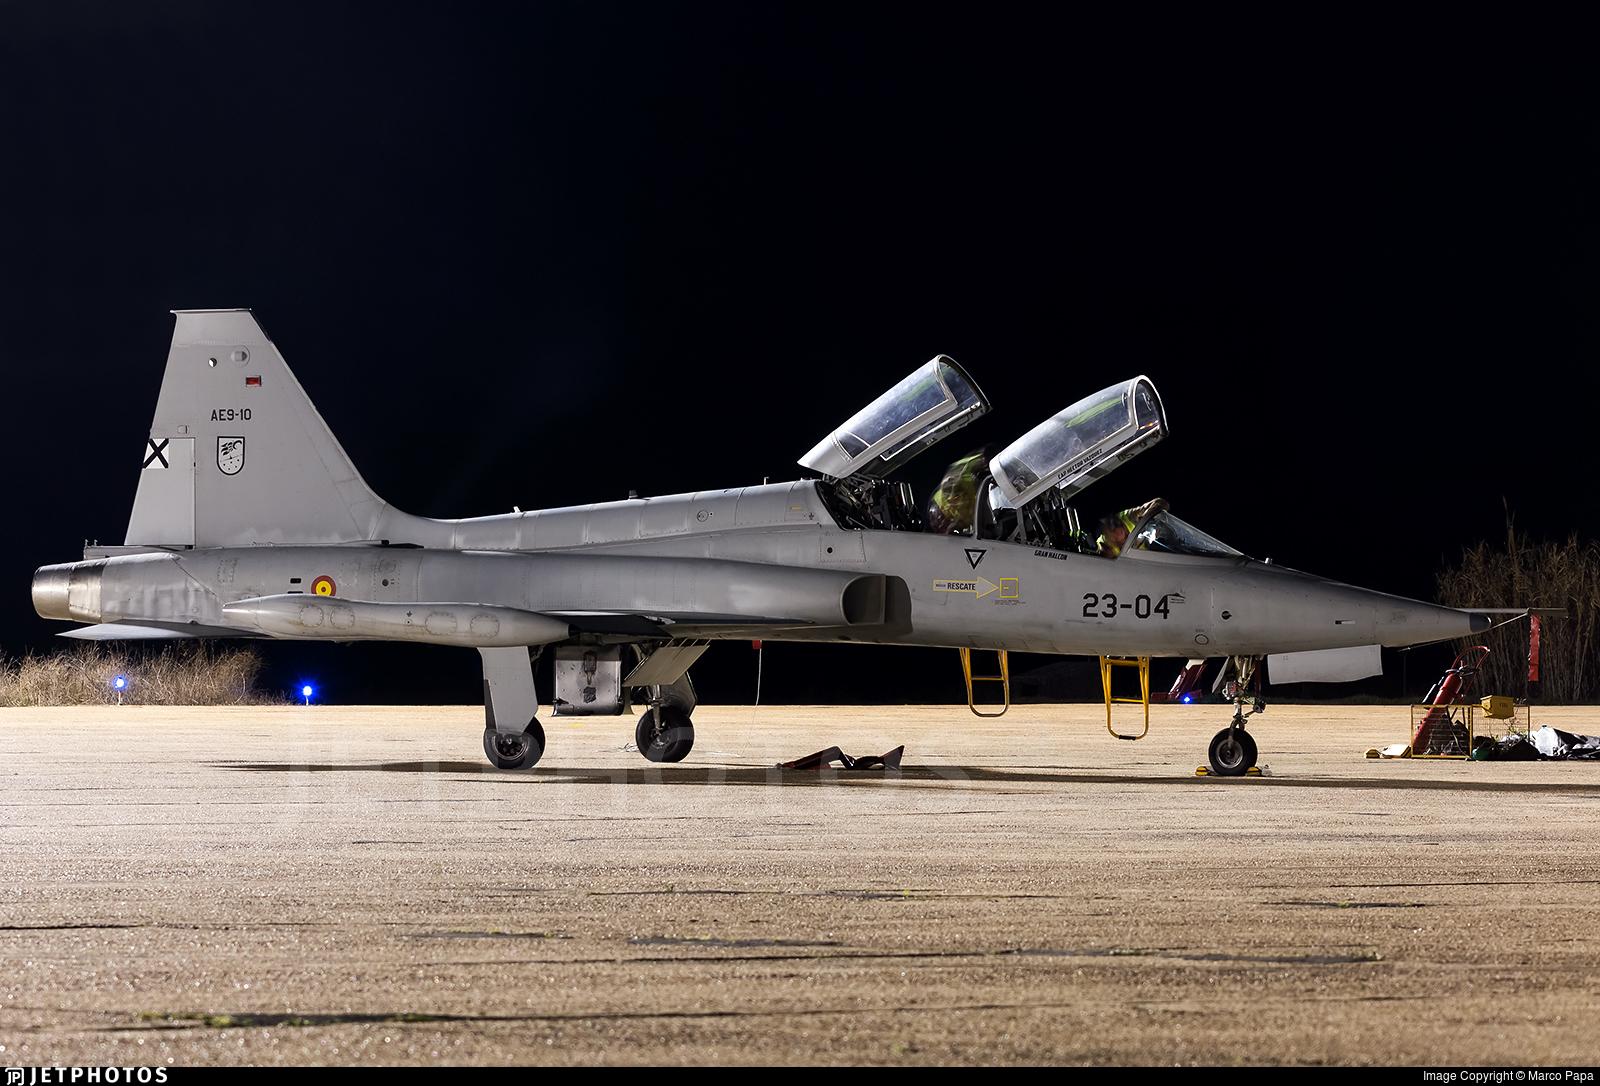 AE.9-10 - CASA SF-5B(M) Freedom Fighter - Spain - Air Force